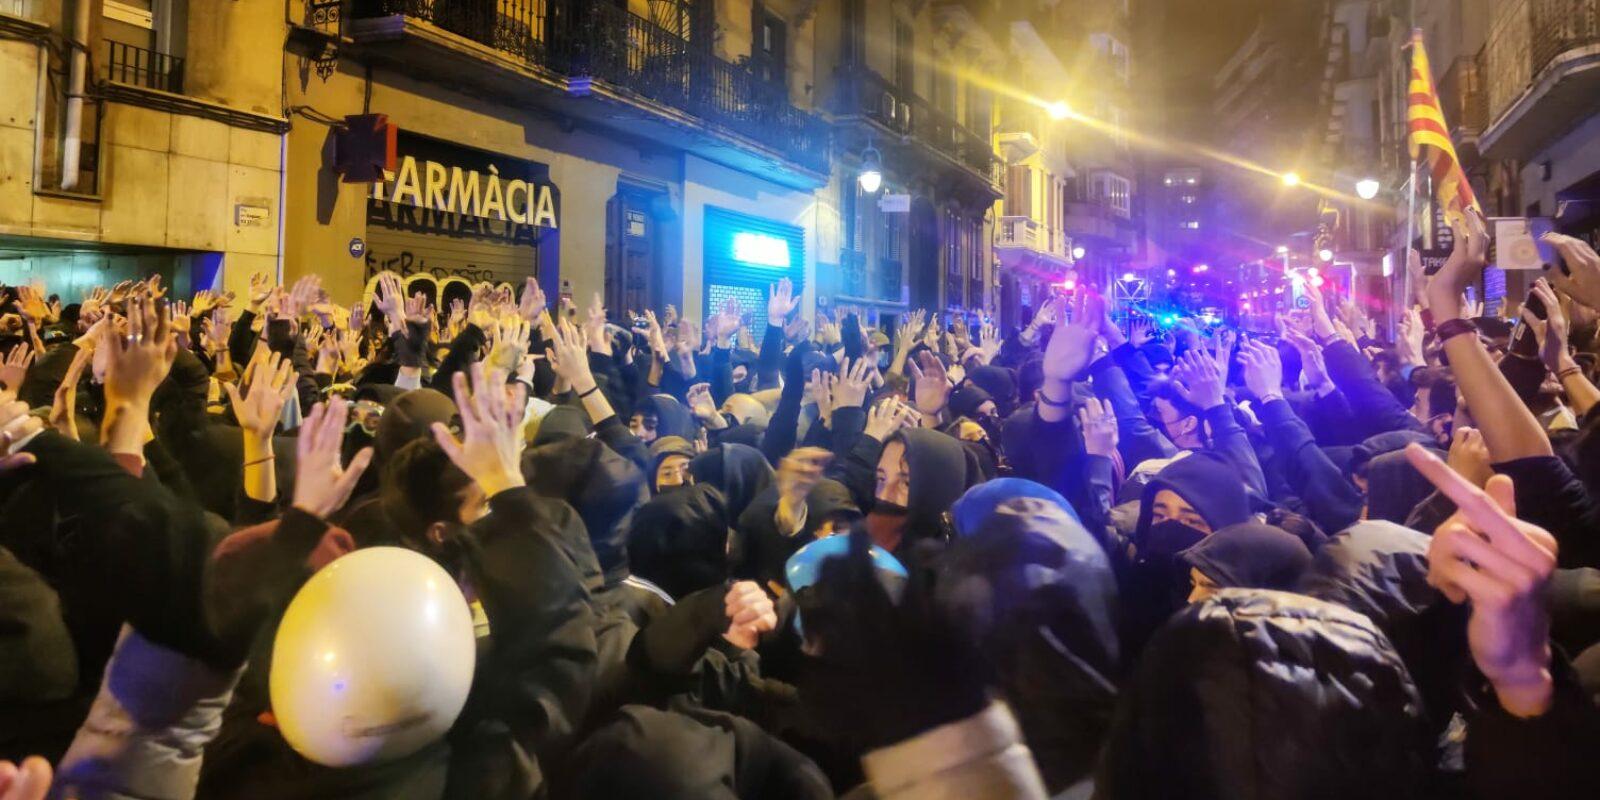 Manifestants amb les mans alçades abans de rebre una dura càrrega policial a Gràcia, la 5a nit de protestes per Hasél / David Cobo